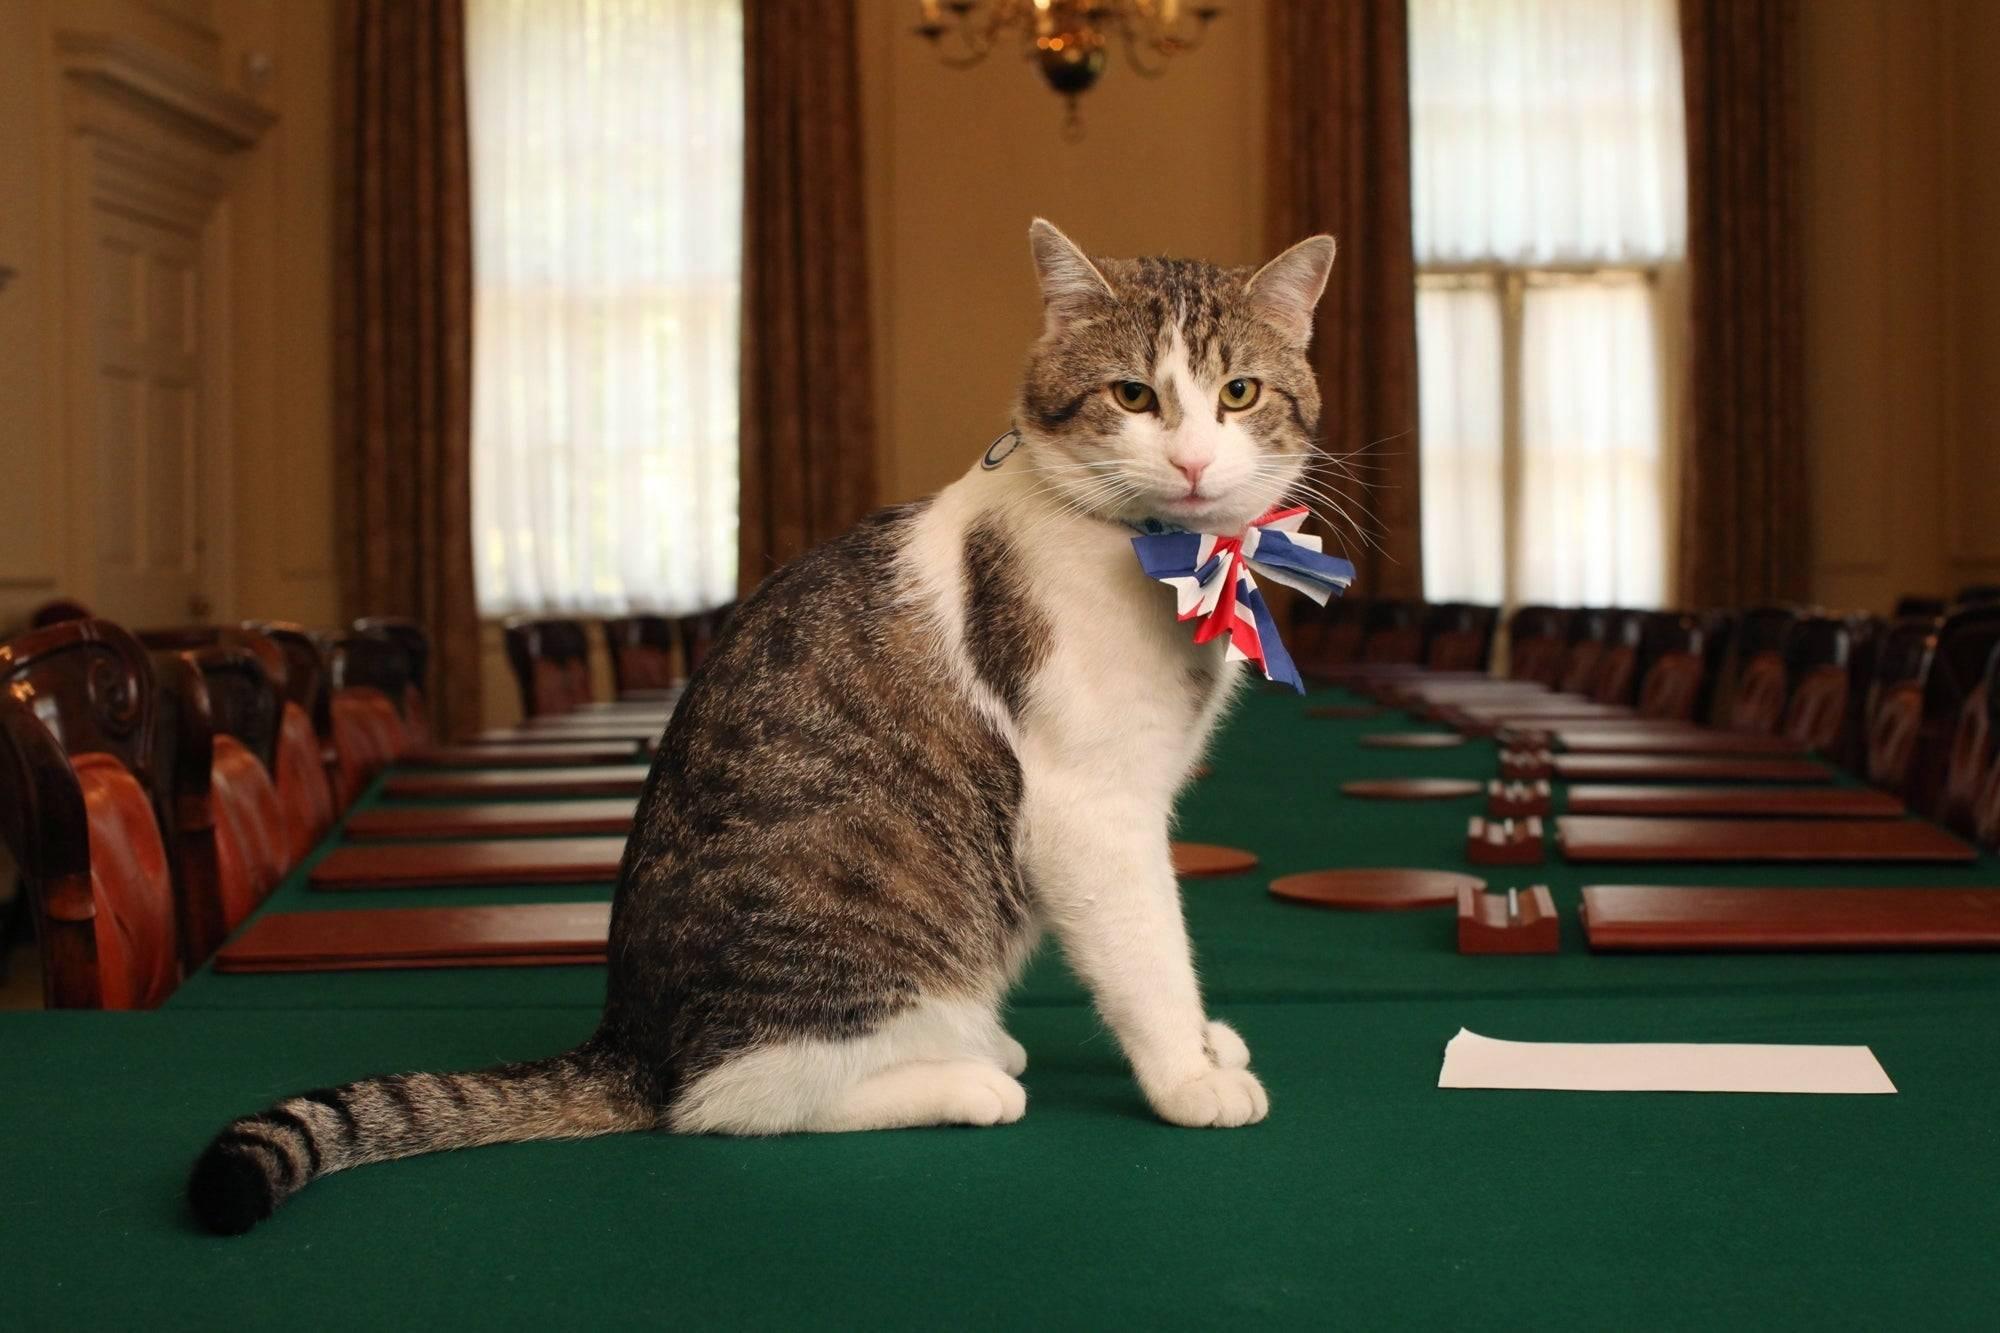 Kot Larry świętuje 10-lecie jako Główny Myszołap na Downing Street. Jaka jest historia oficjalnego stanowiska Chief Mouser?